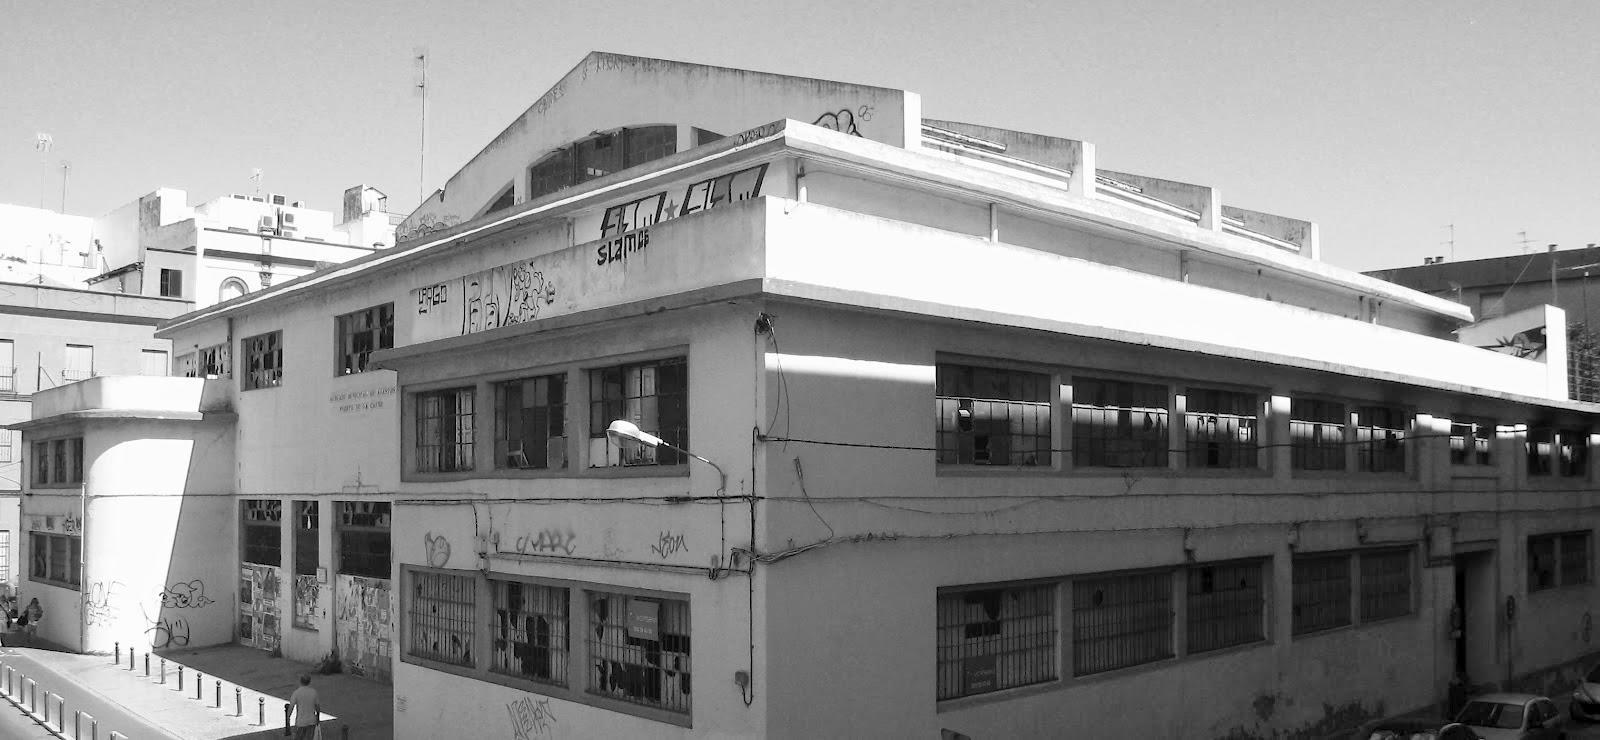 Arquitectura y arte en sevilla los otros mercados de la - Estudios de arquitectura en sevilla ...